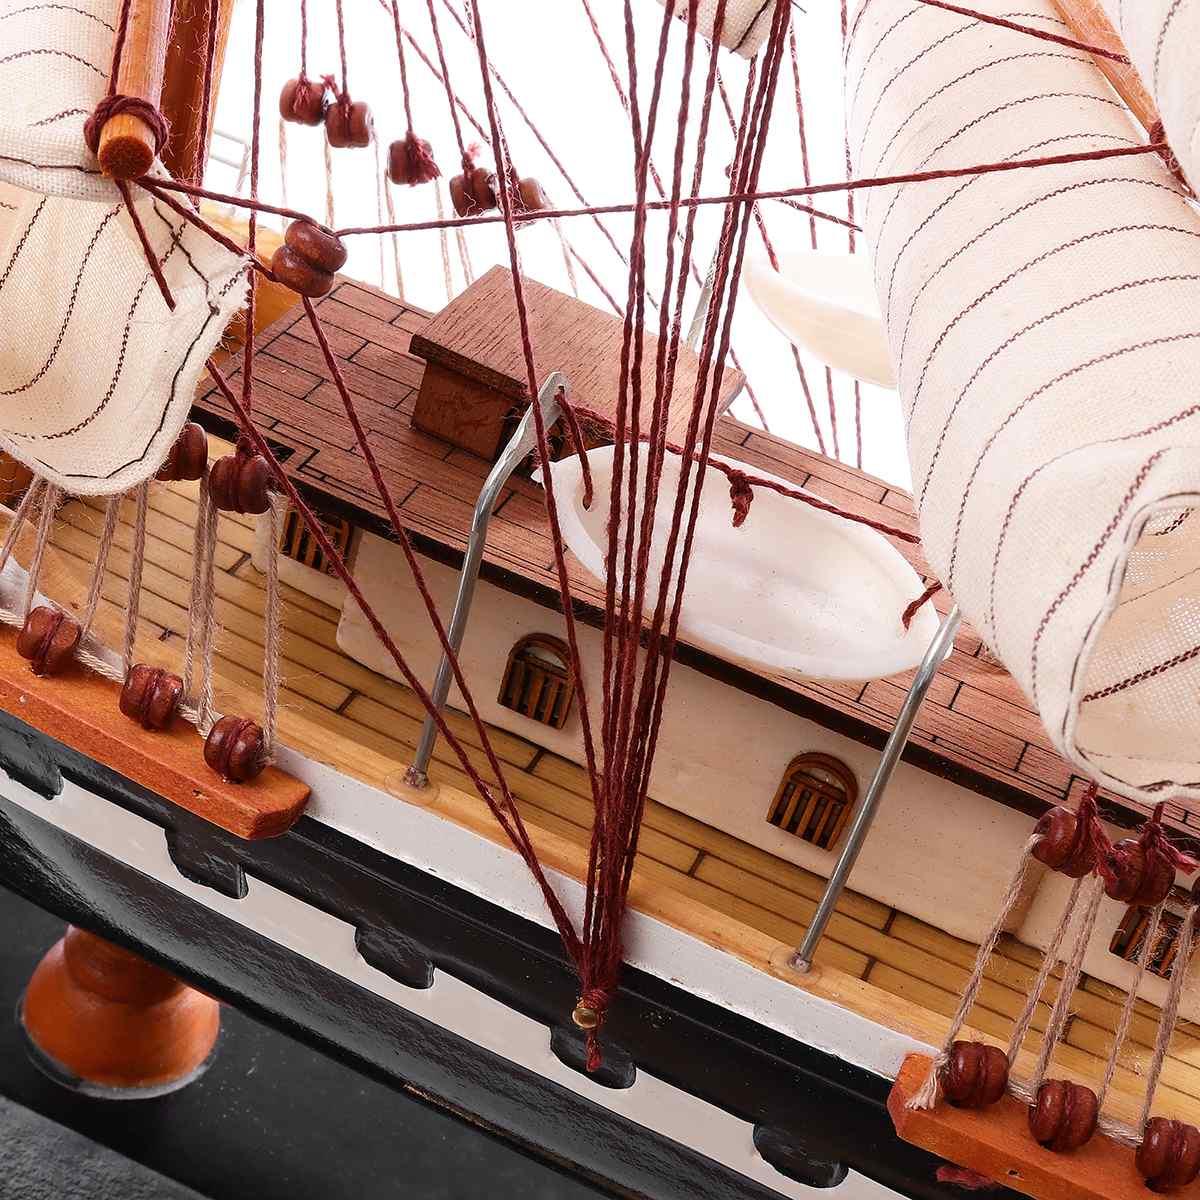 65cm Houten Zeilboot Model Zeilschip Display Schaal Boot Decoratie Gift Kits Montage Model Building Kits Geschenken Decoratie - 6